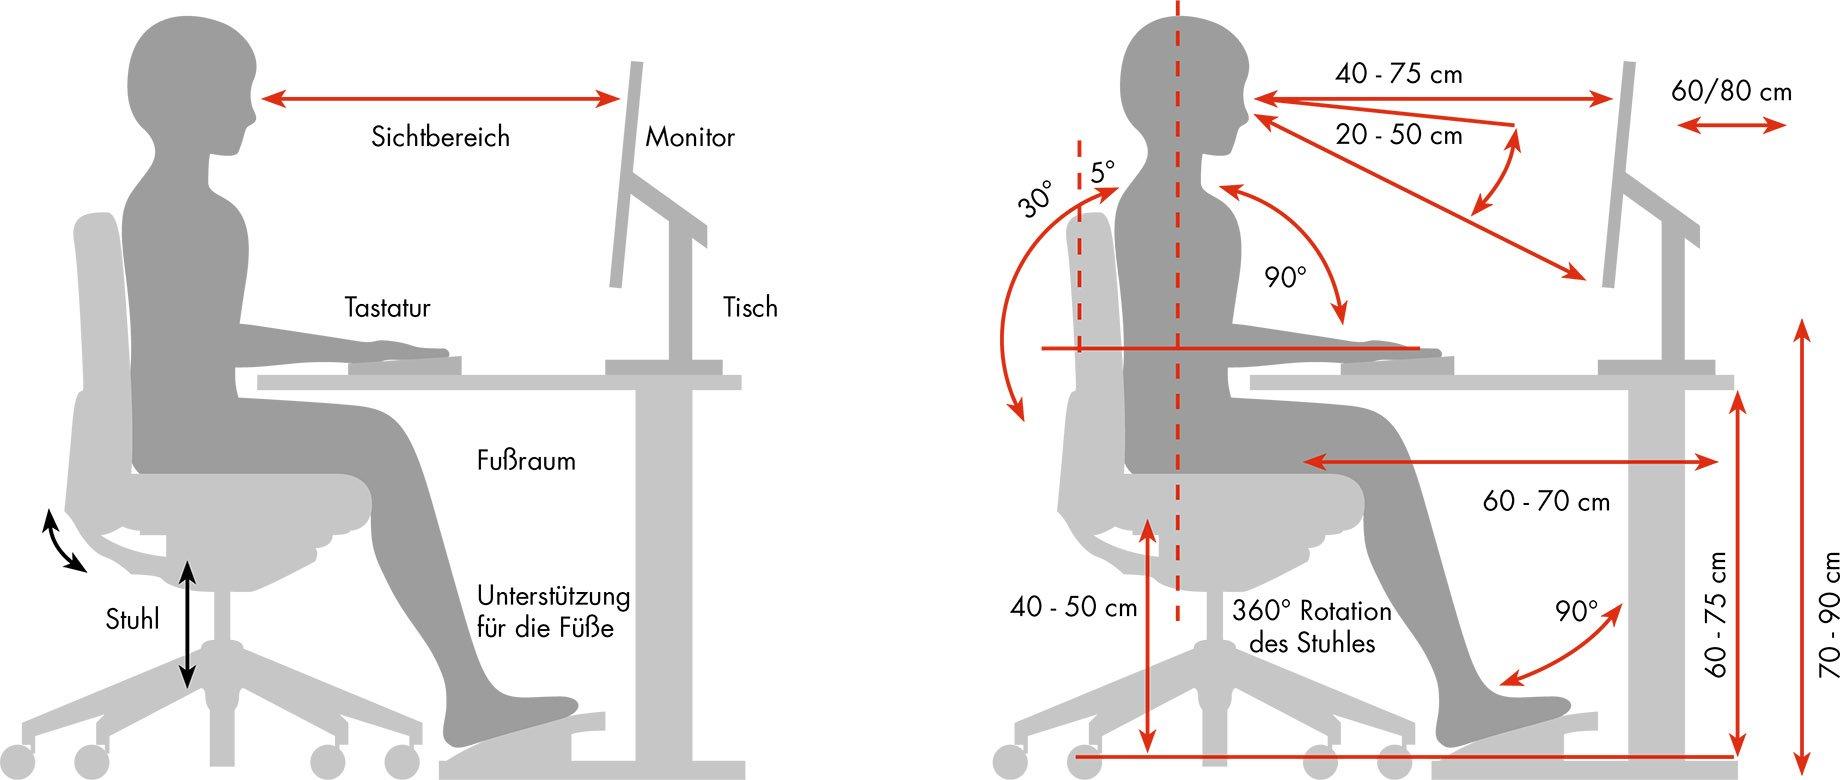 Büroeinrichtung Ergonomie richtige Sitzhaltung